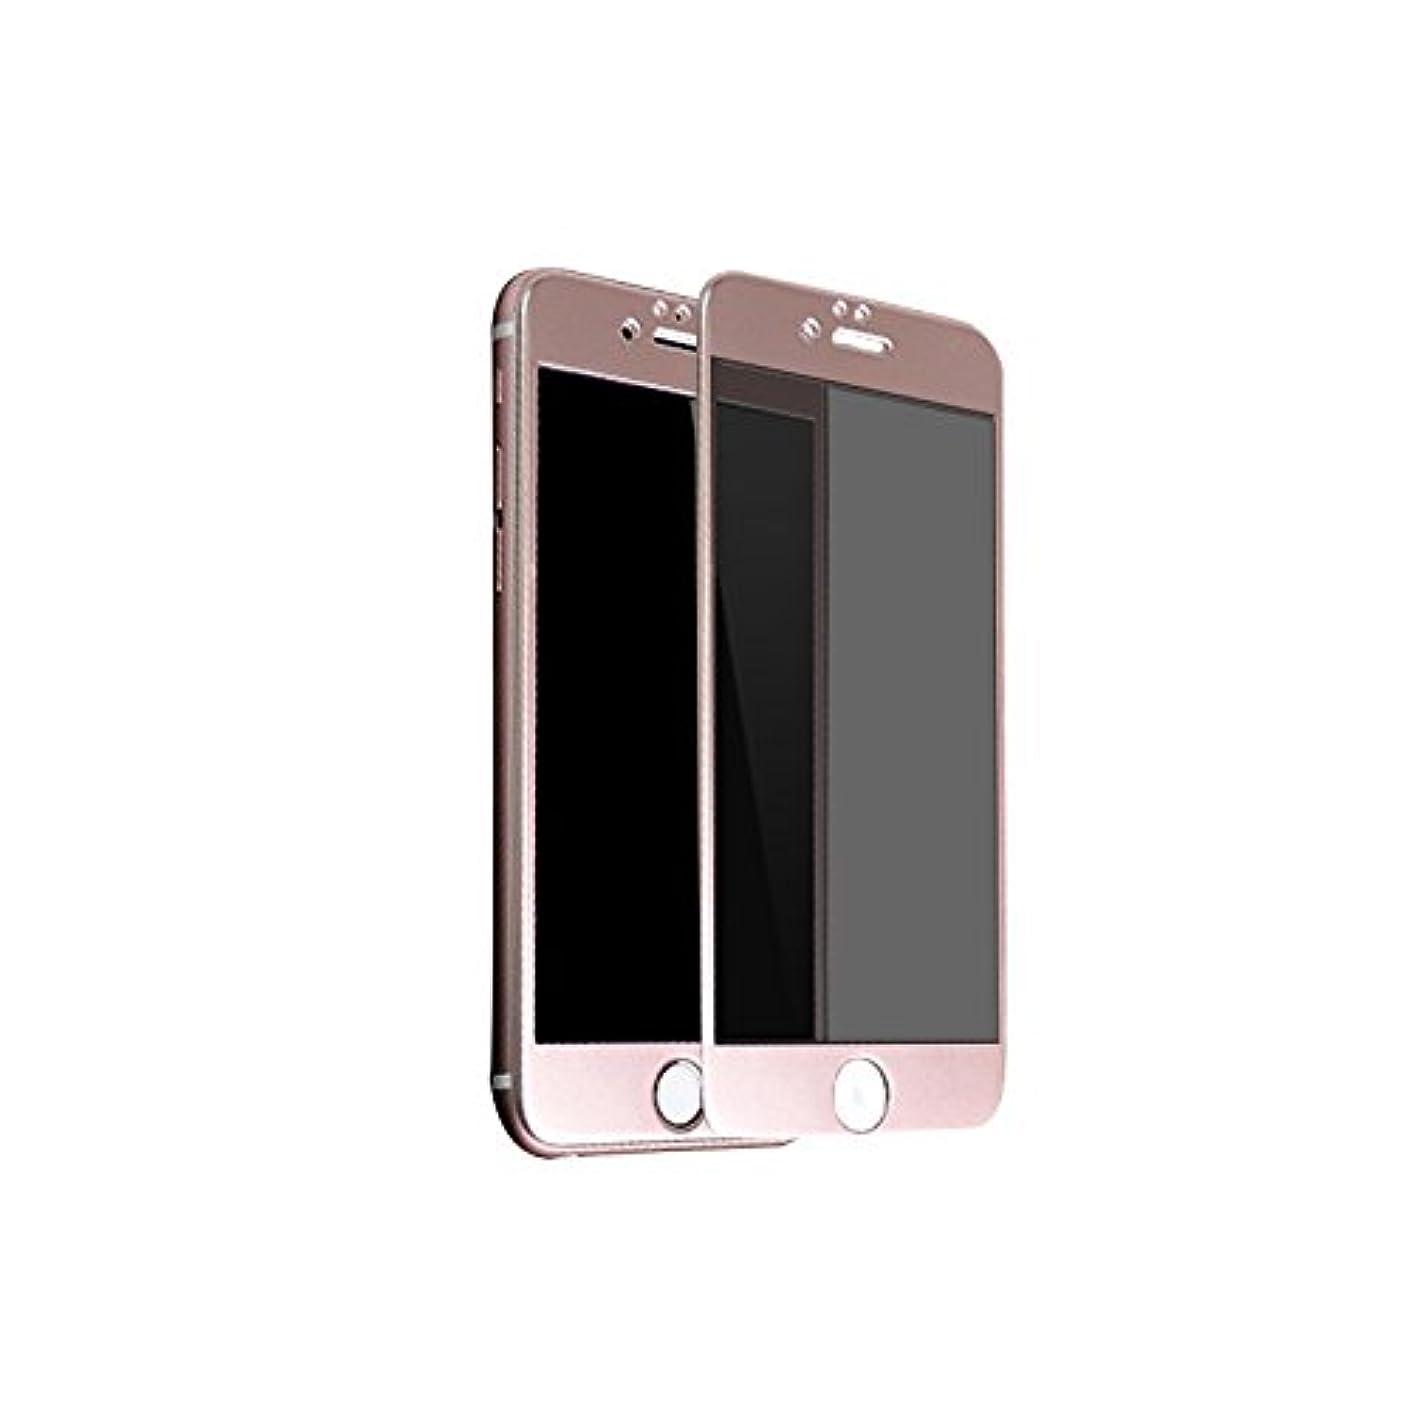 野生ペルメル鬼ごっこiPhone 8 / 7 ガラスフィルム 全面保護 フレーム付き 強化ガラス 覗き見防止 耐衝撃 防指紋 硬度9H 高透過率 気泡レス 自動吸着 日本旭硝子製素材 ラウンドエッジ加工 飛散防止 3D Touch対応 薄型 (ローズゴールド)